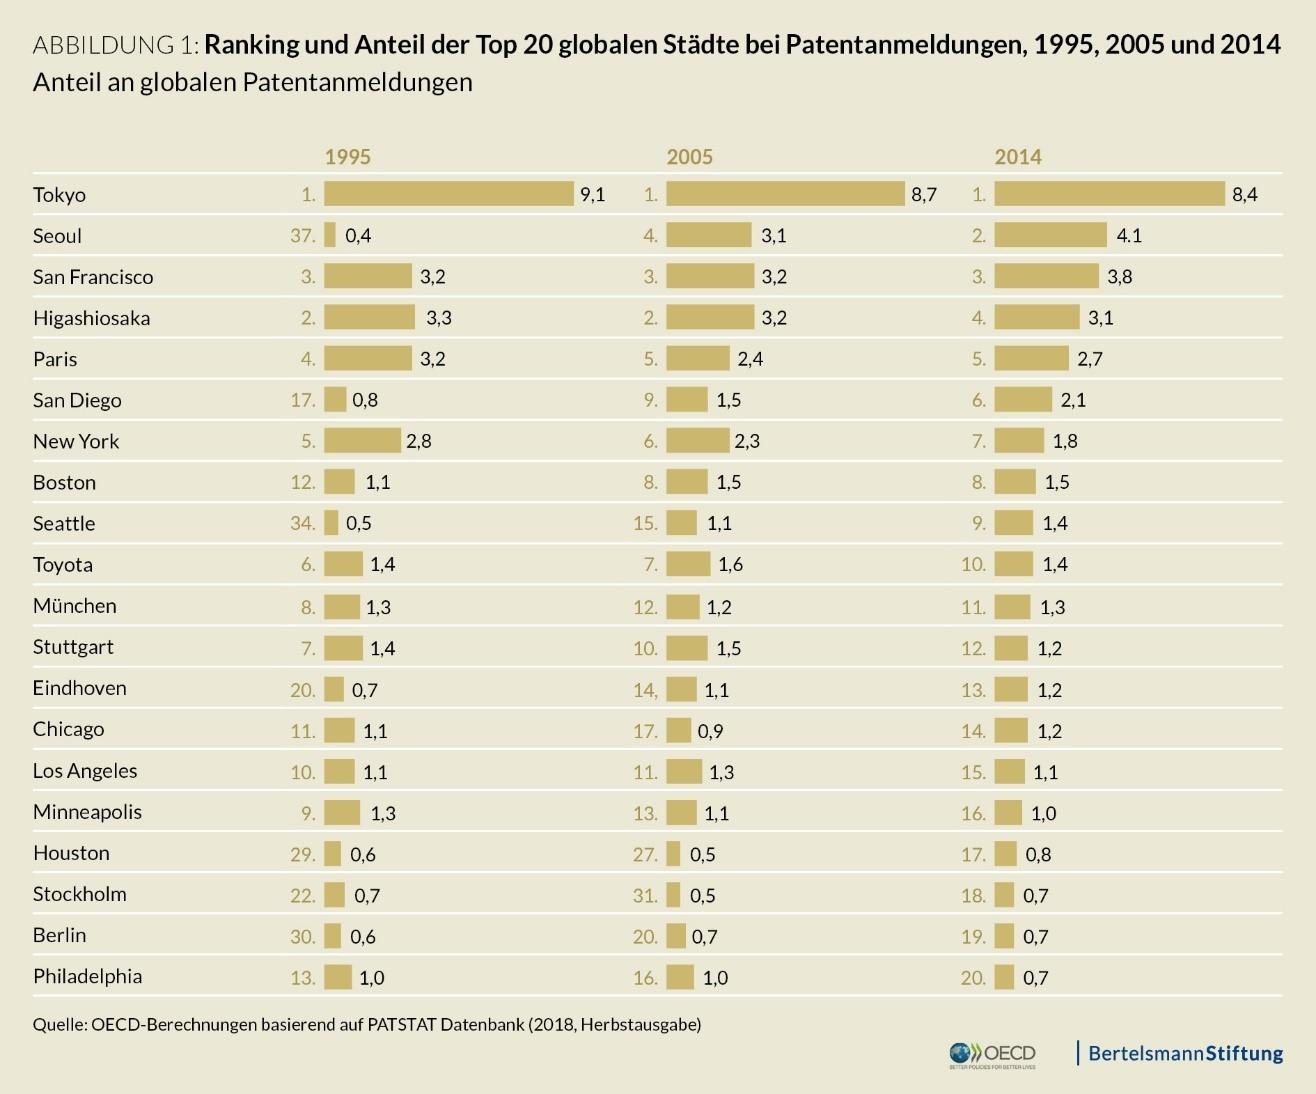 Ranking uns Anteil der Top 20 globalen Städte bei Patentanmeldungen, 1995, 2005 und 2014